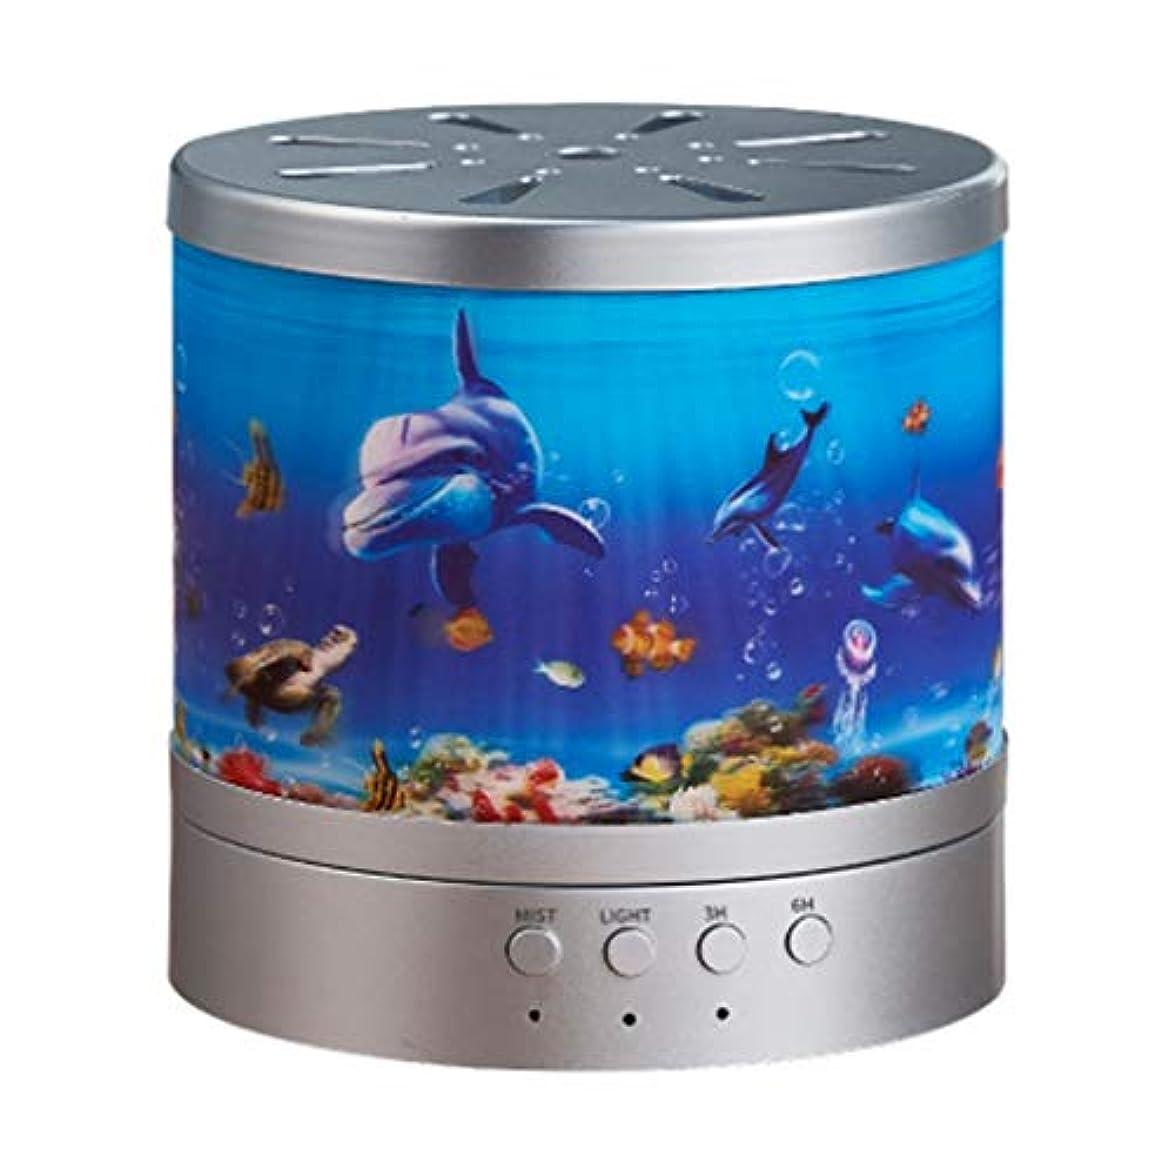 発送温帯品種精油のための海洋の主題の拡散器超音波涼しい霧の加湿器、水なしの自動シャットオフおよび7つの色LEDライトは内務省のために変わります (Color : Silver)